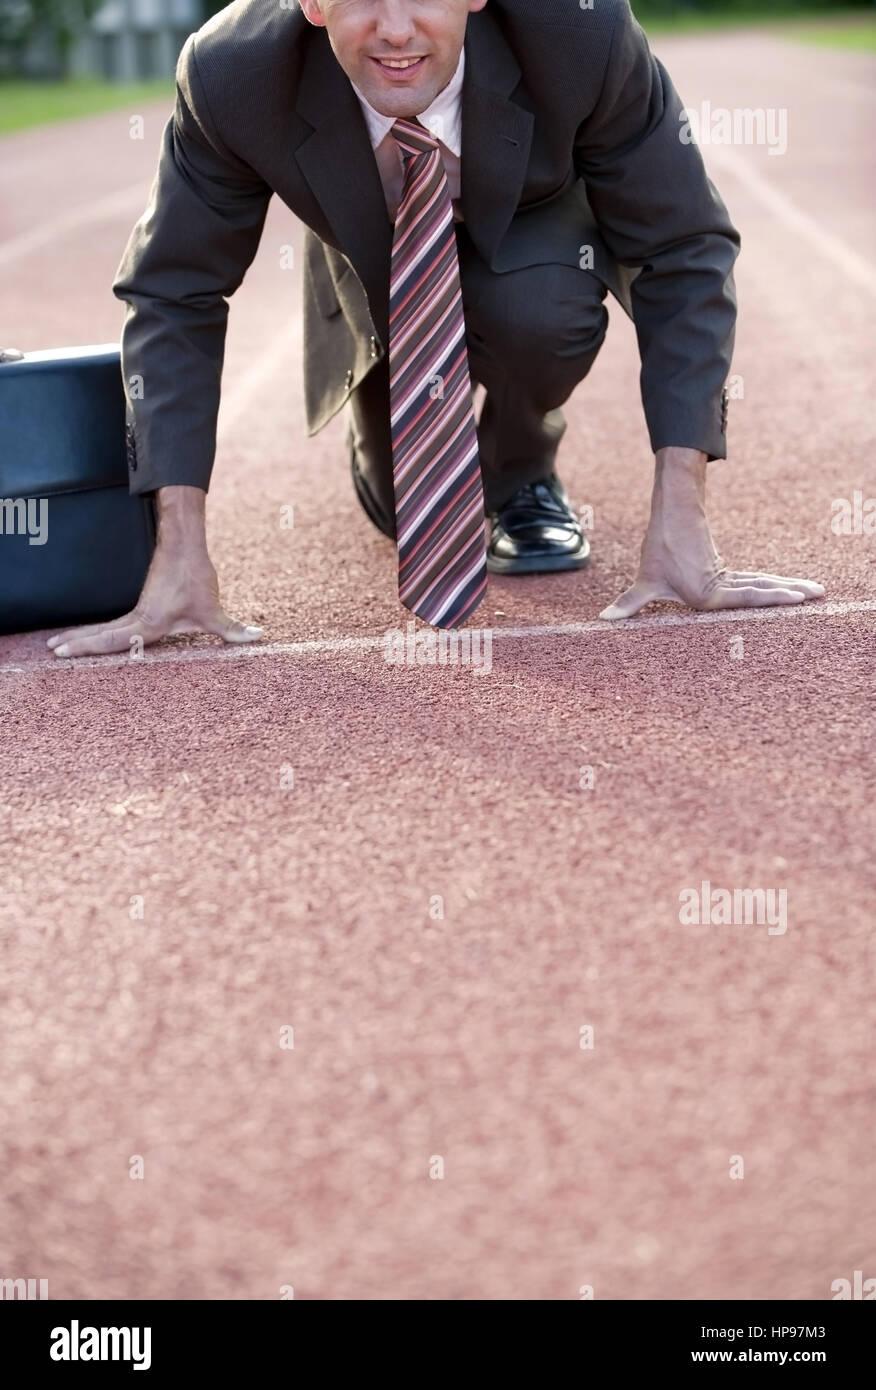 Model released , Gesch?ftsmann an der Startlinie auf einer Laufbahn - businessman on strating line - Stock Image